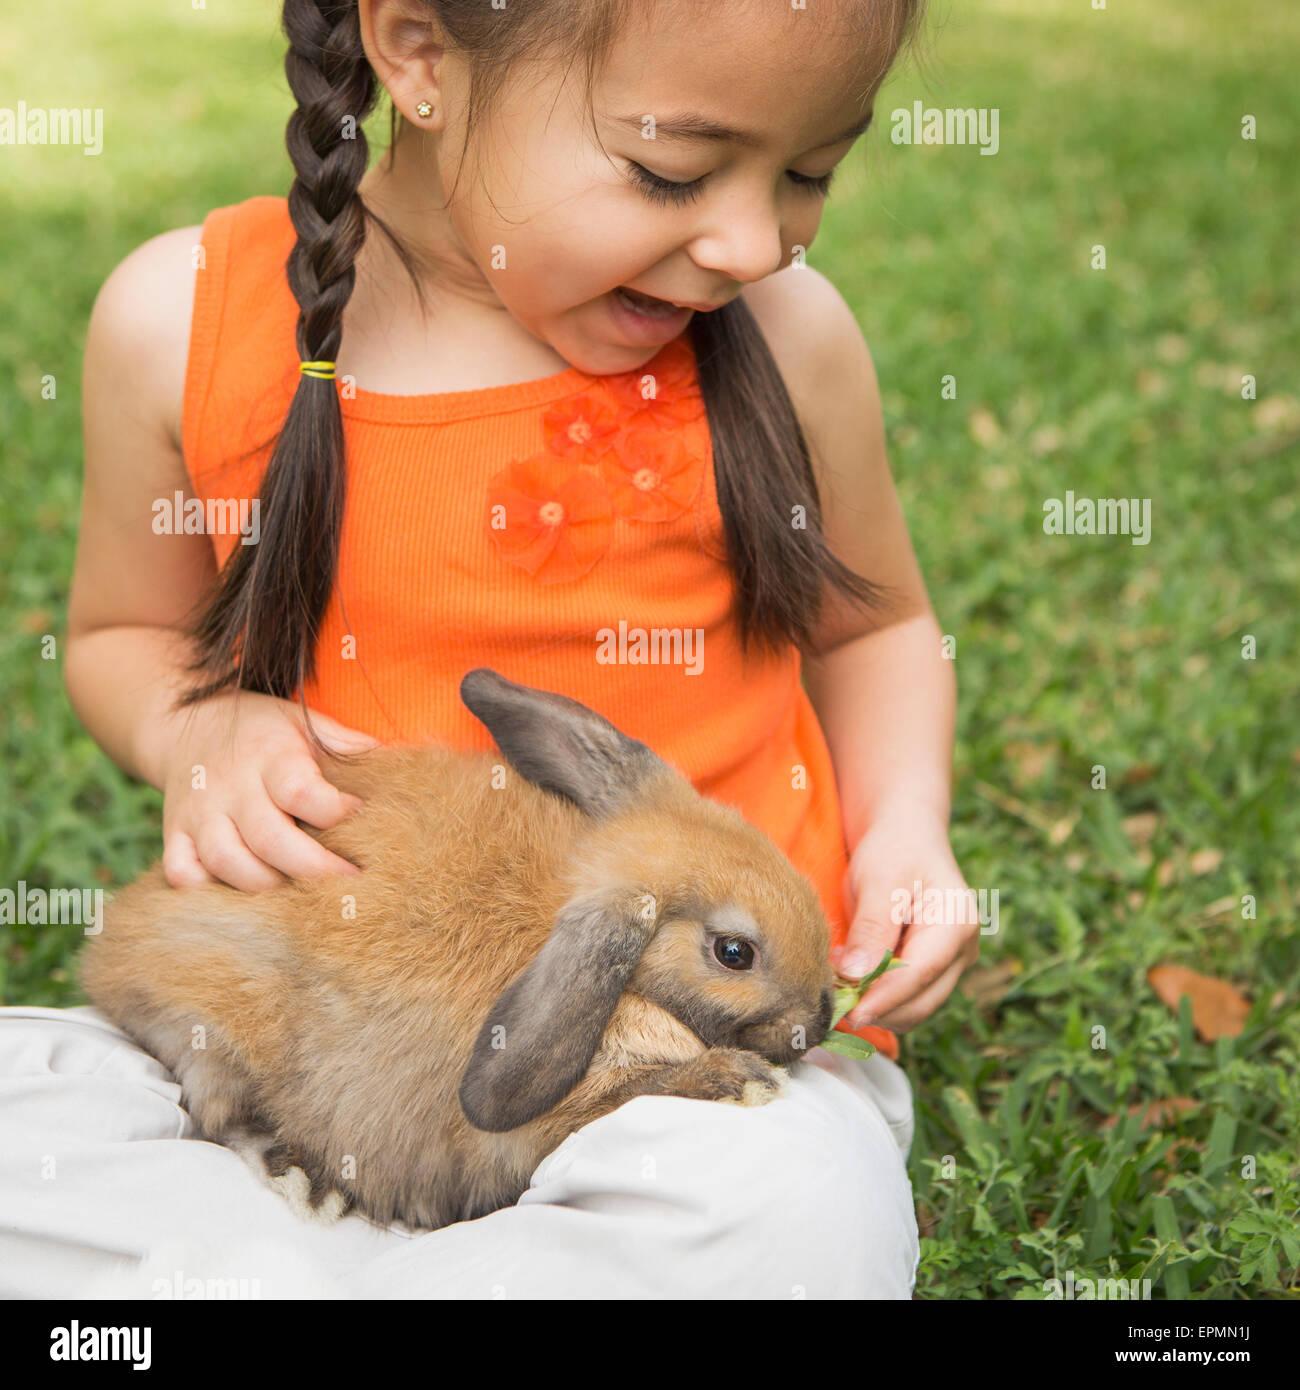 Un bambino con un coniglio marrone sul suo grembo. Immagini Stock